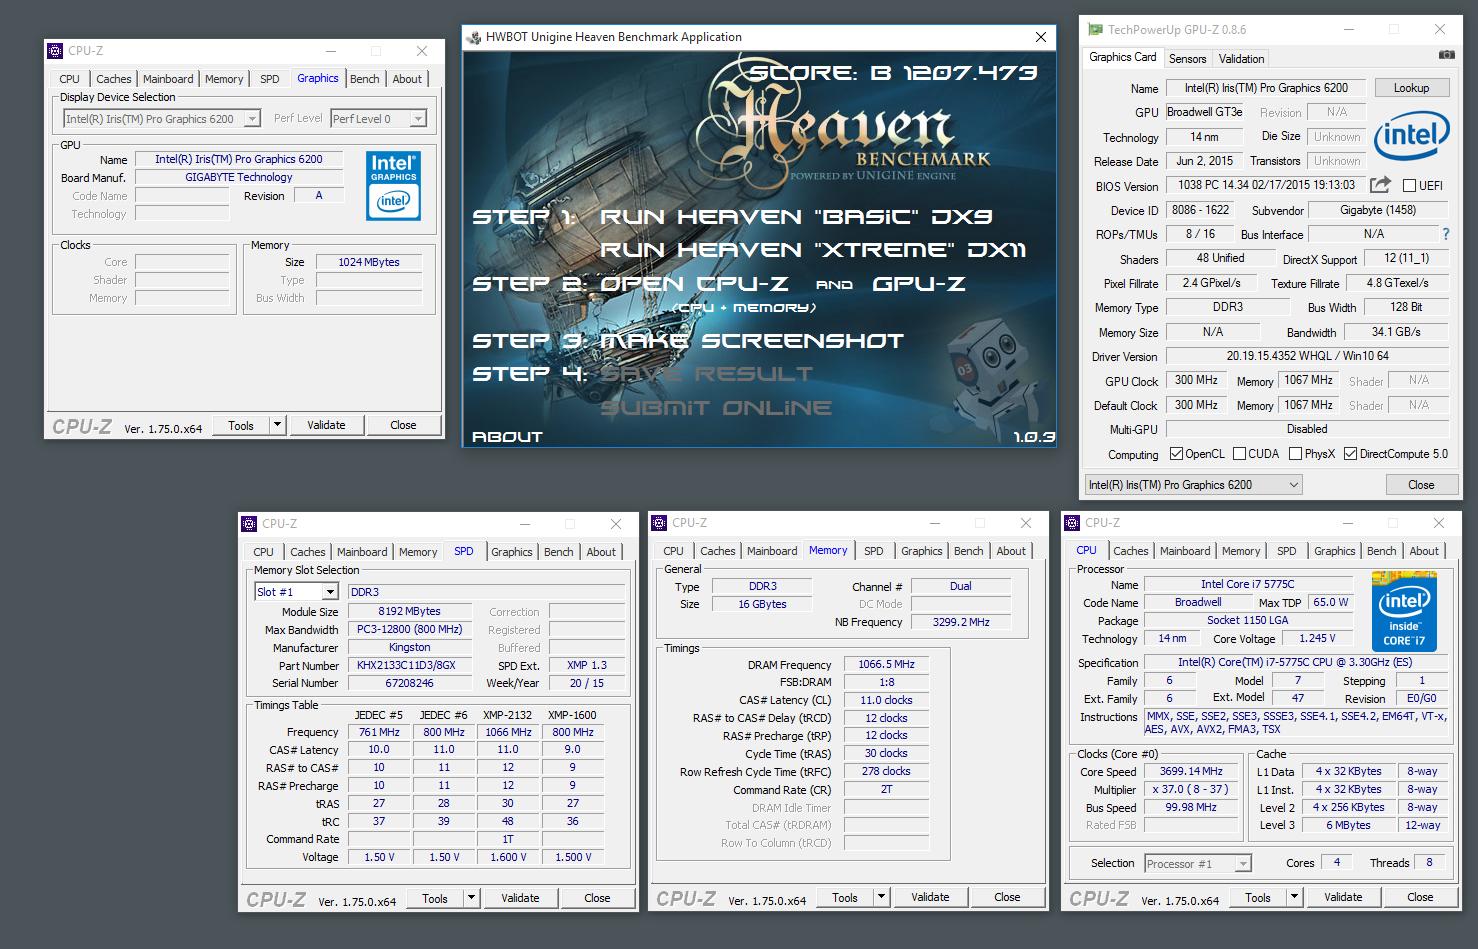 Высокочастотная оперативная память — актуальная и своевременная помощь интегрированному графическому ядру - 7